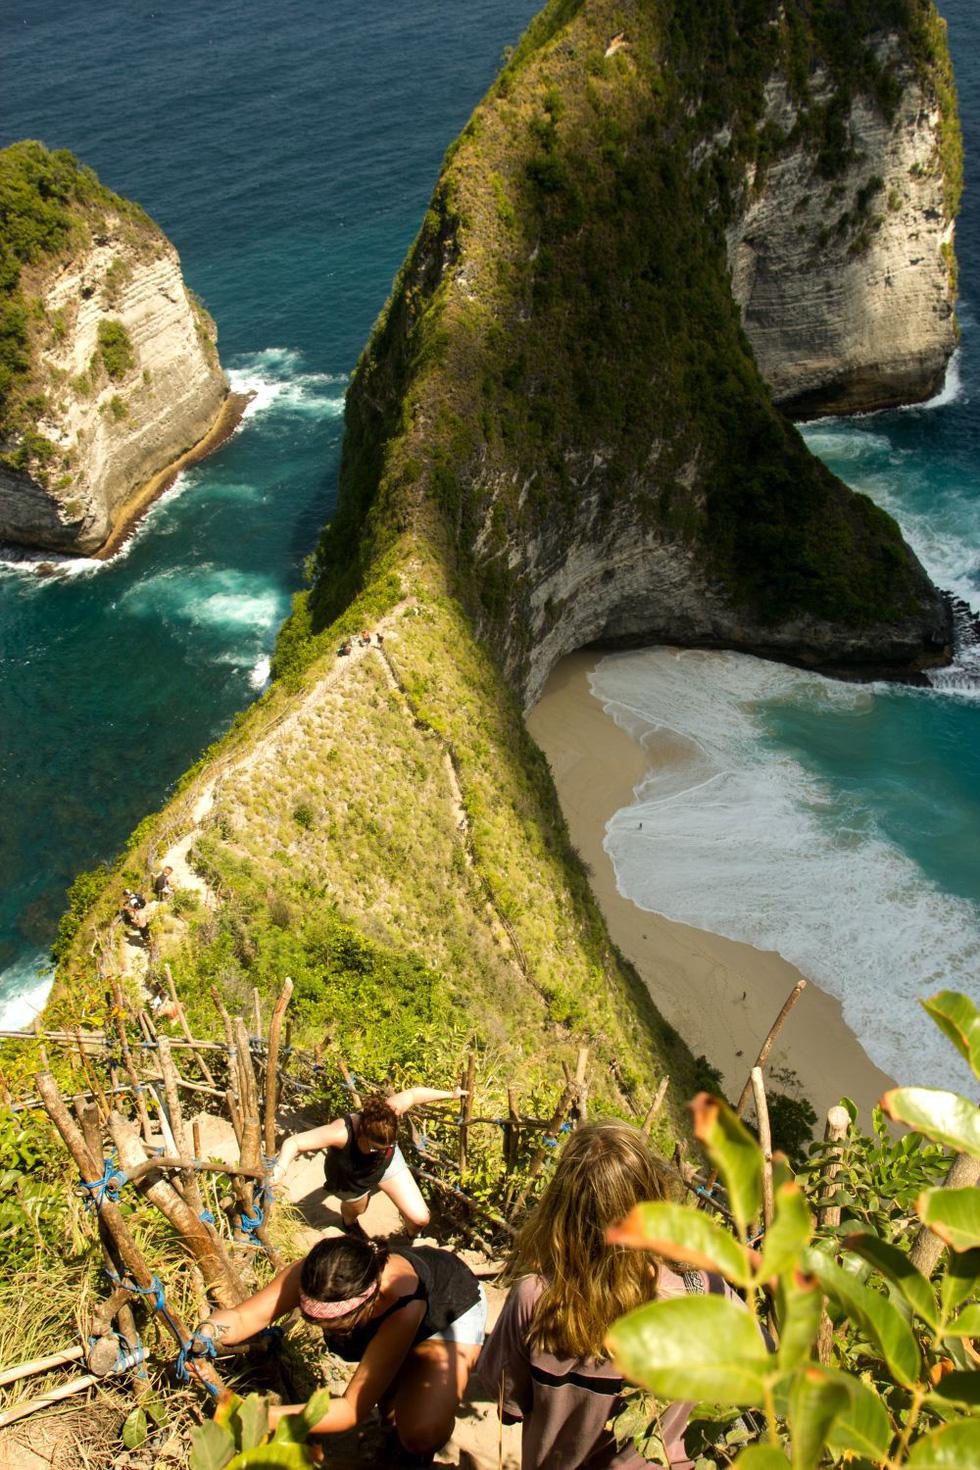 Tới Nusa Penida trèo lên lưng khủng long - Ảnh 6.